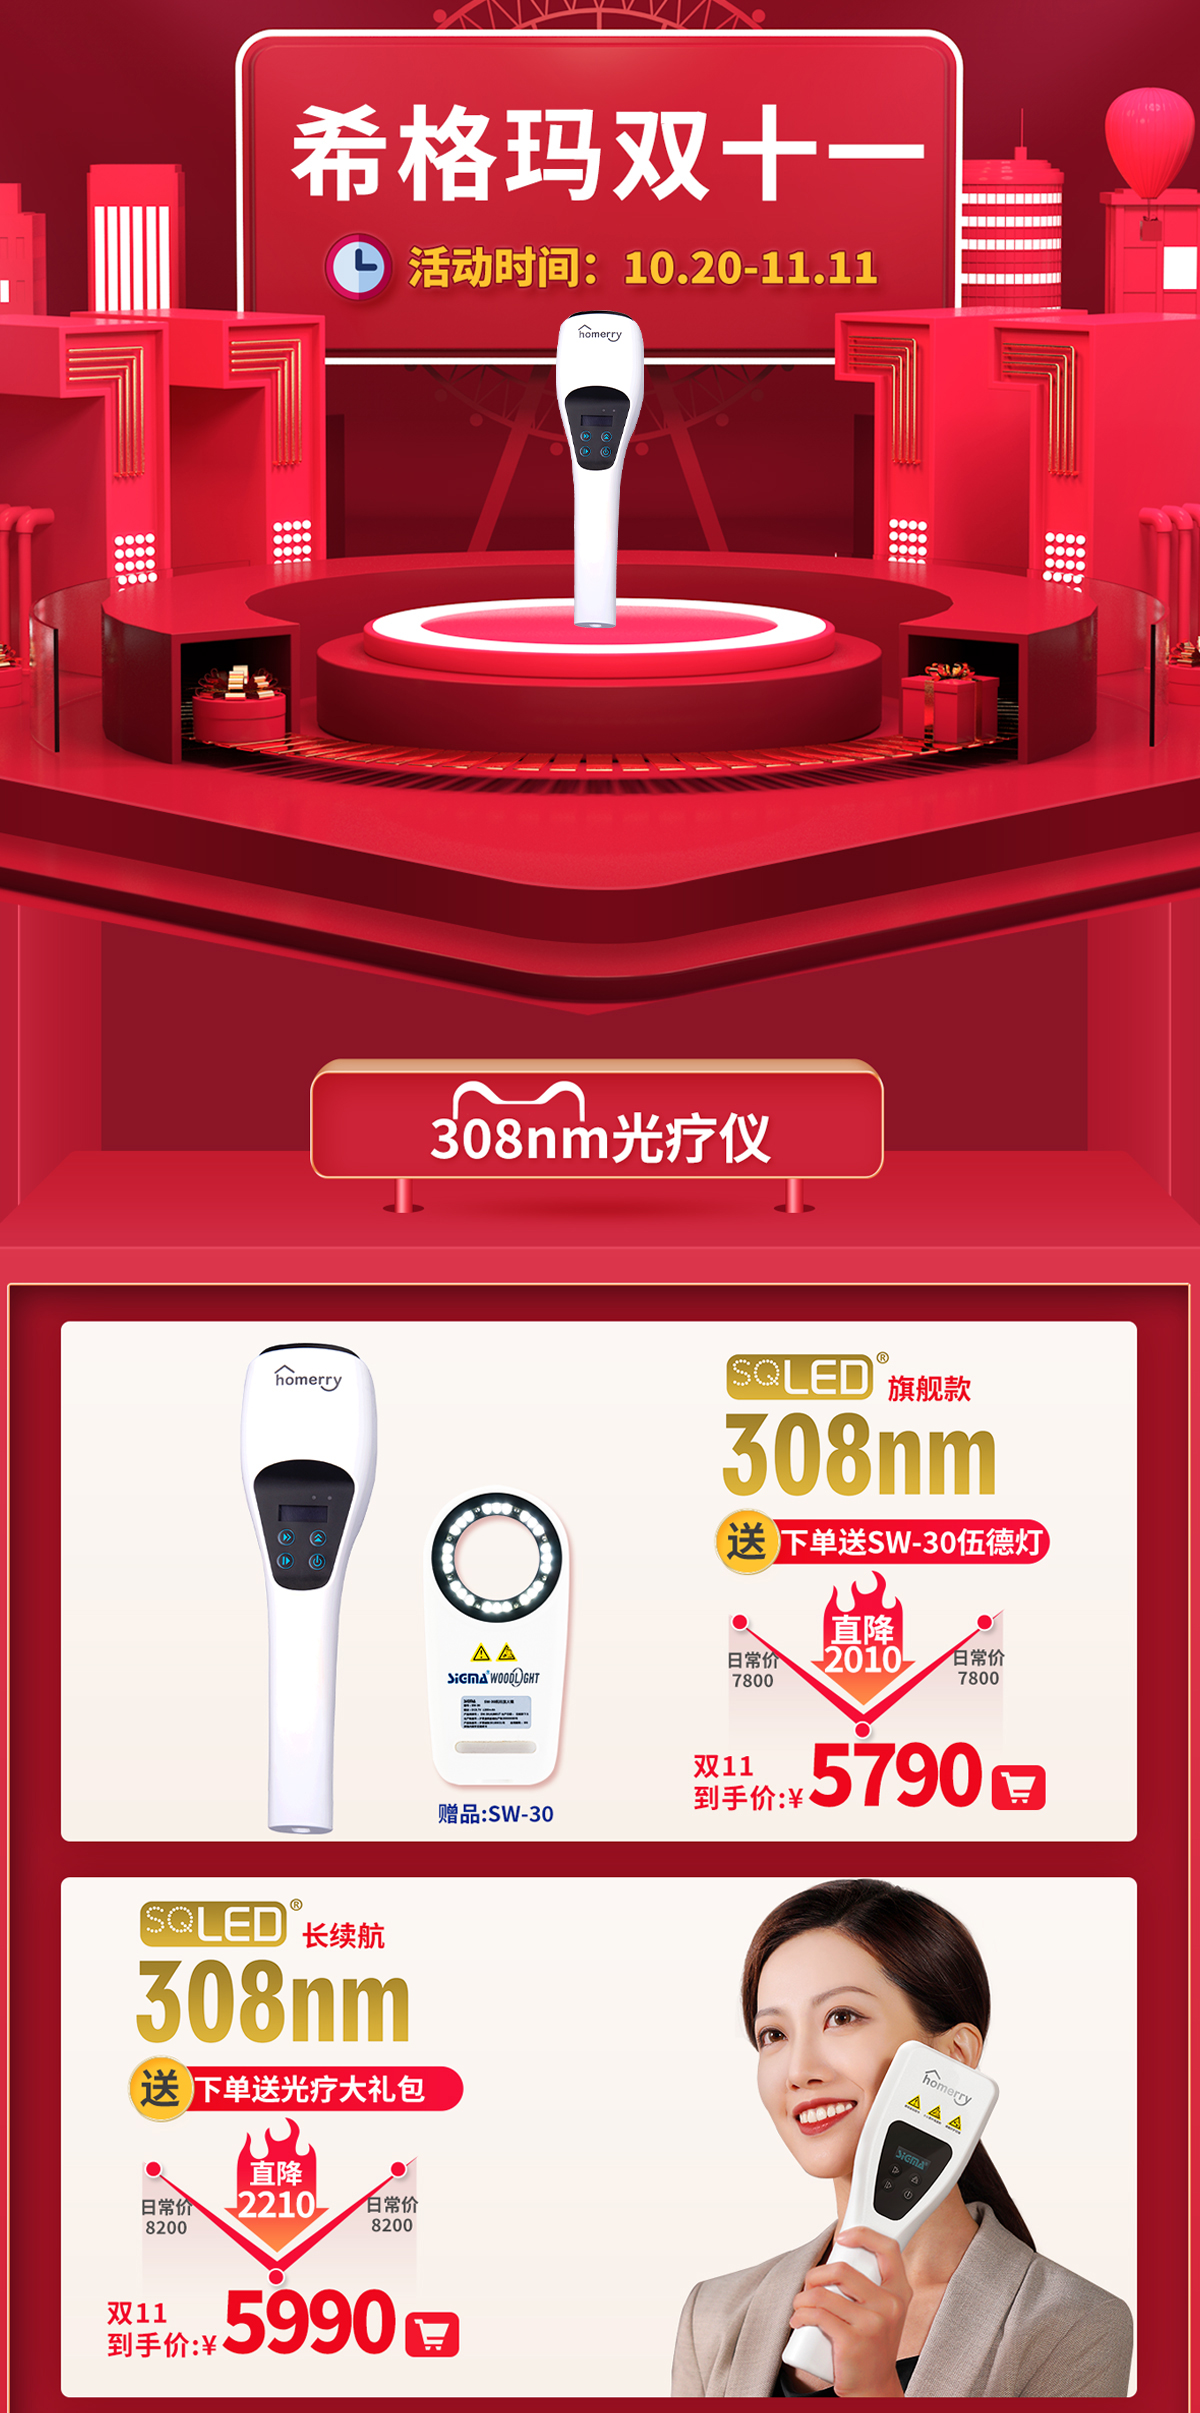 SIGMA上海希格玛双11购物狂欢节308紫外线光疗仪大促销